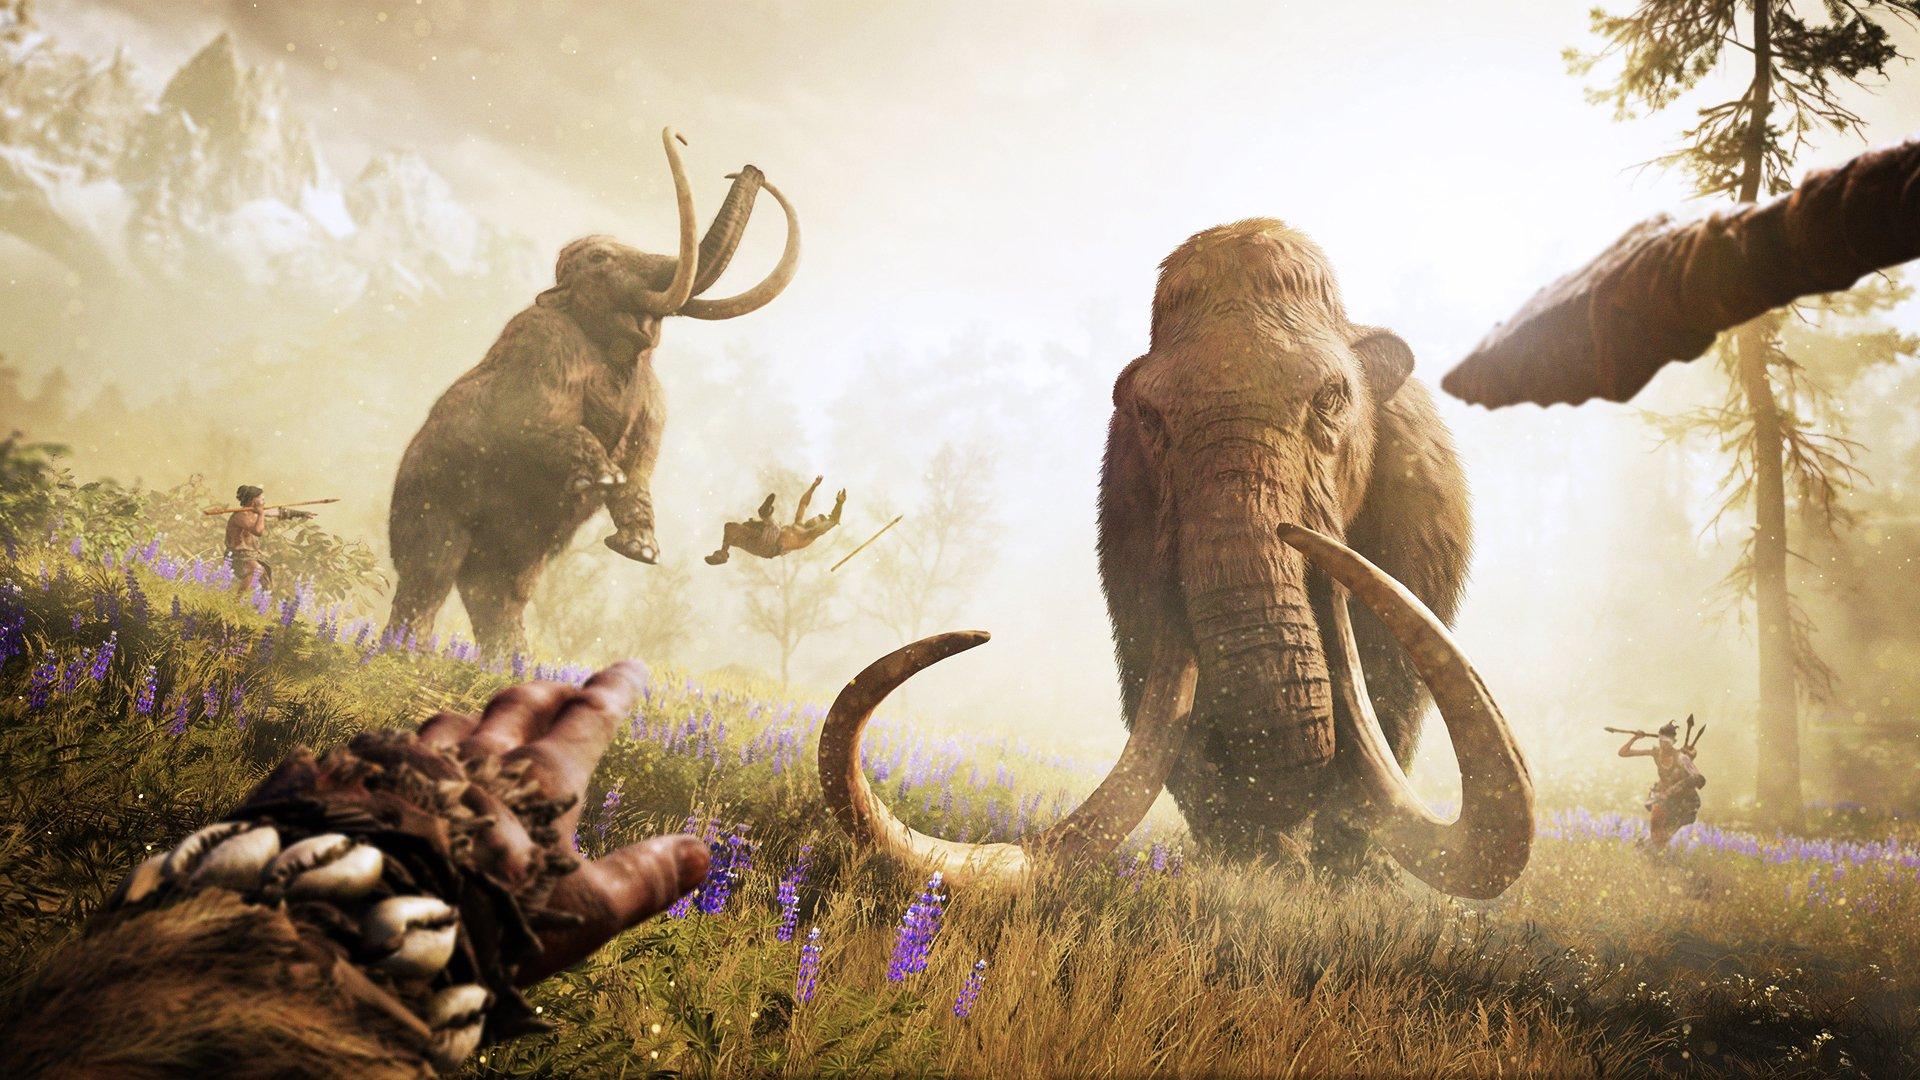 Ubisoft anticipa el anuncio de una aventura de supervivencia en un mundo prehistórico Far_cry_primal-3208160